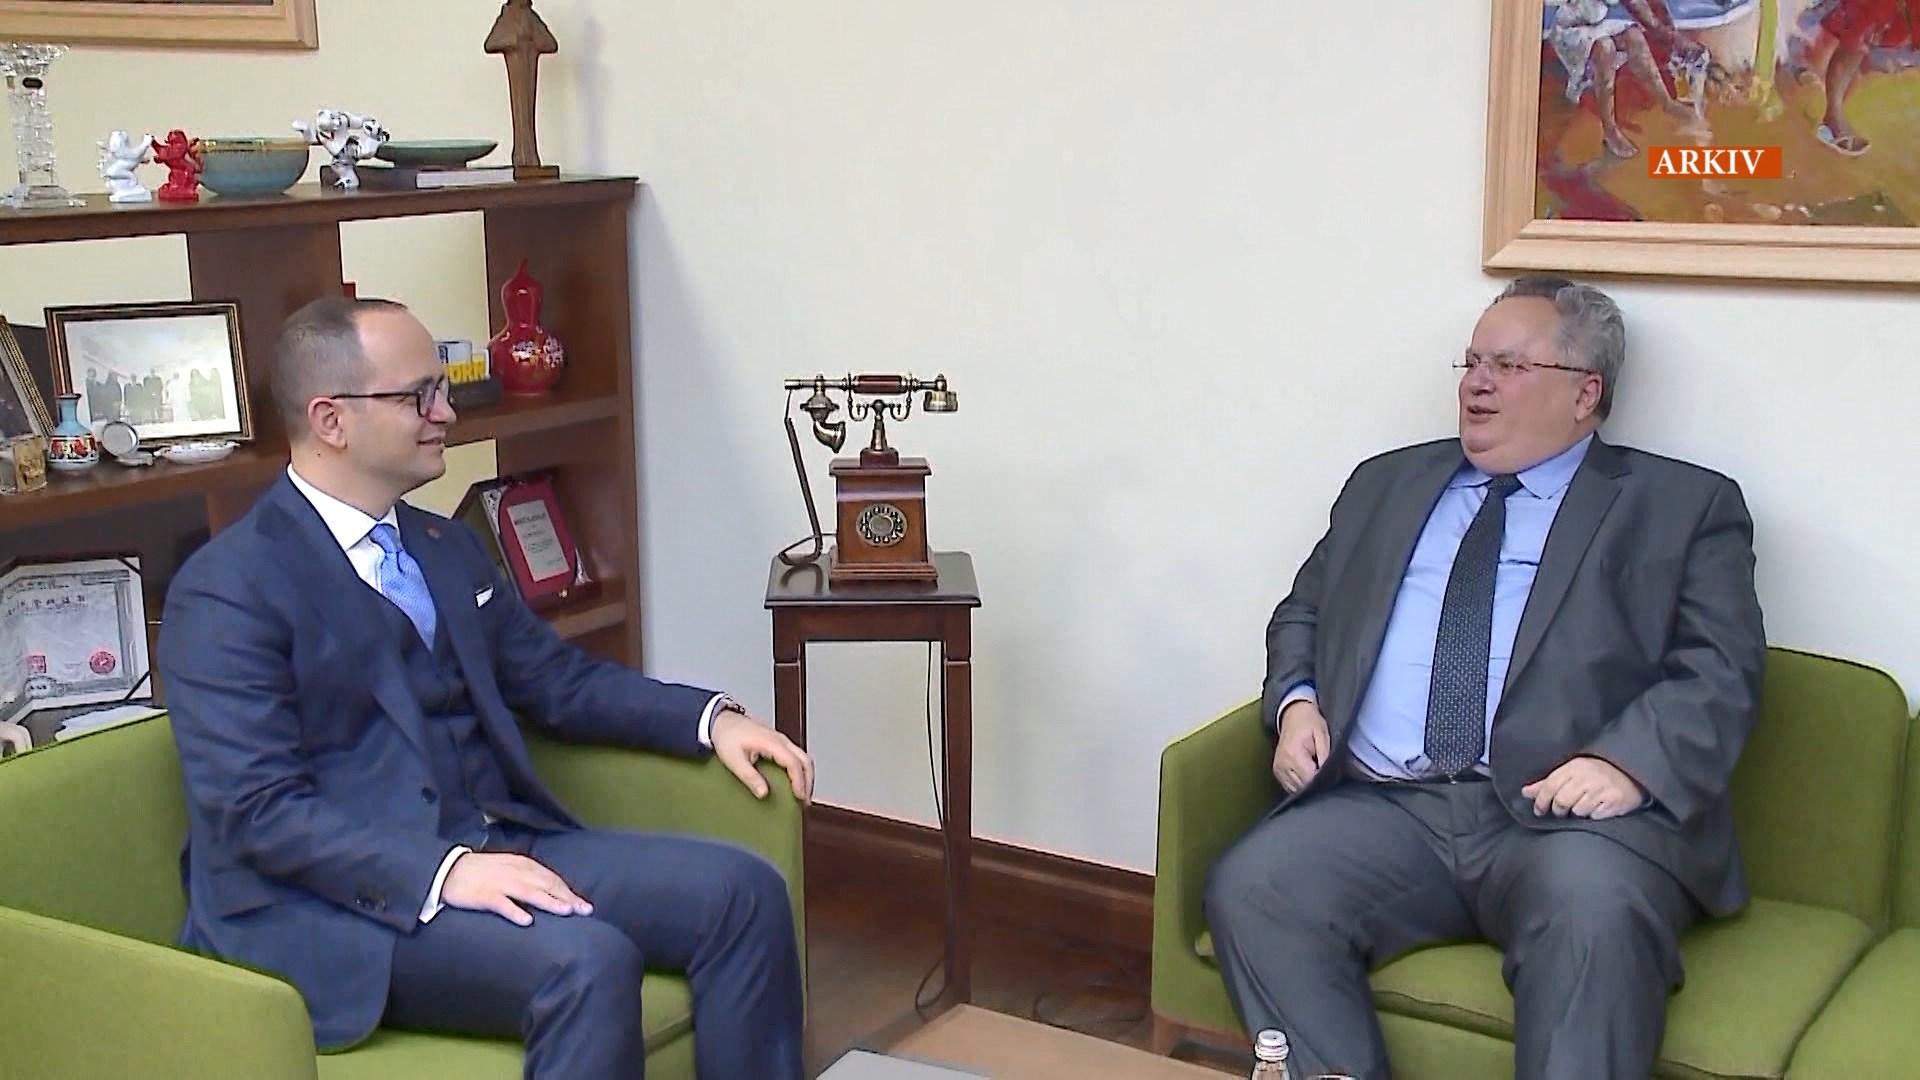 Marrëveshja e detit/ Sot Bushati do të takoje Kotzias në Rodos